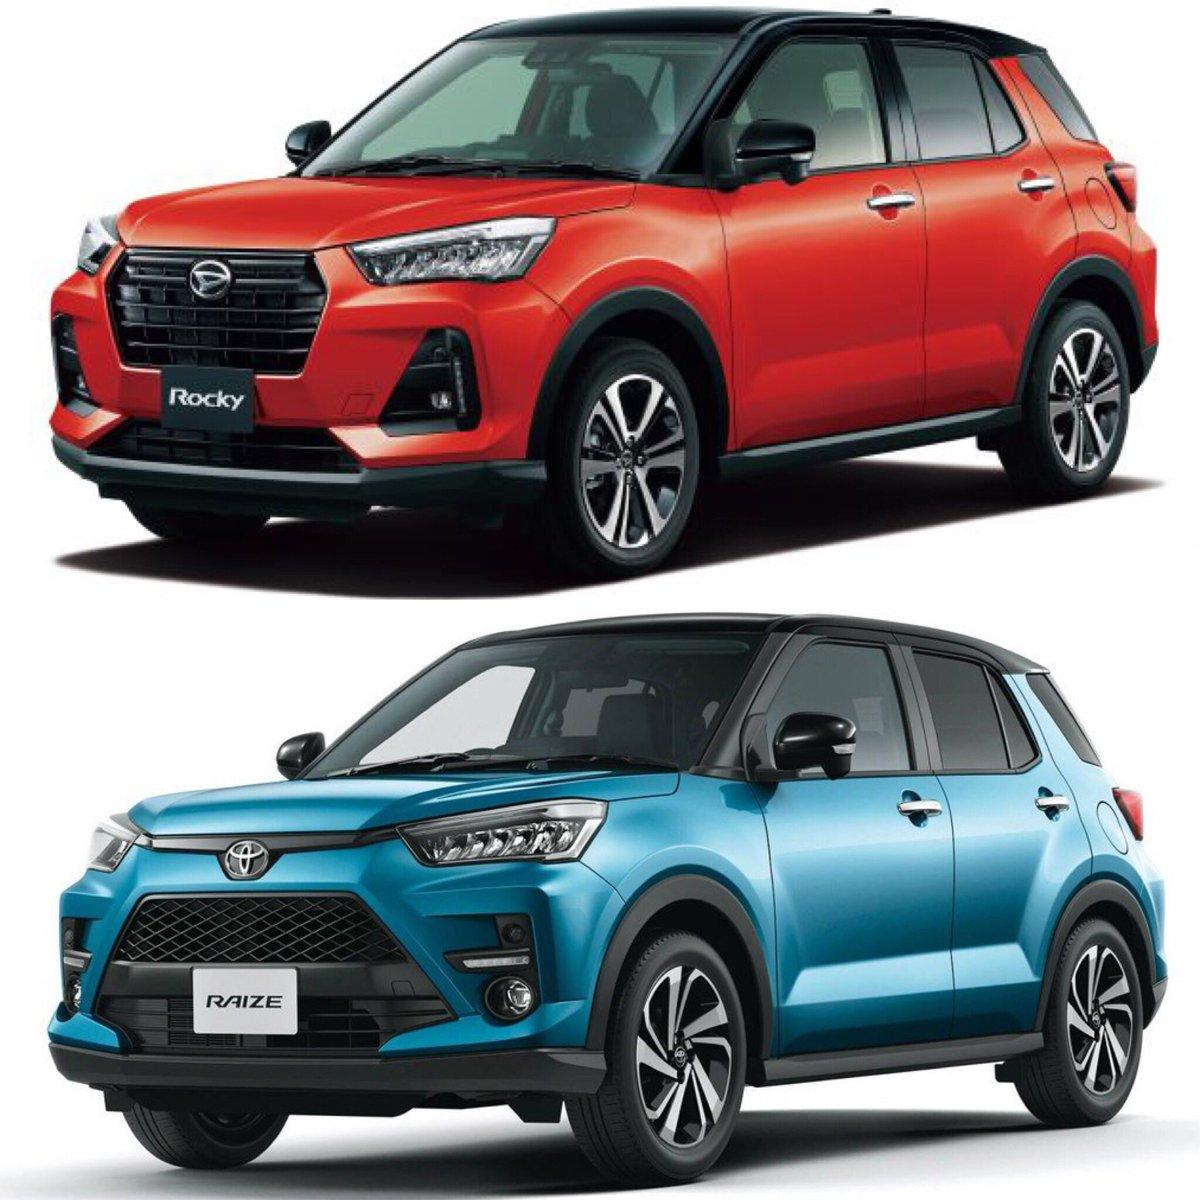 Kelebihan Daihatsu Toyota Review